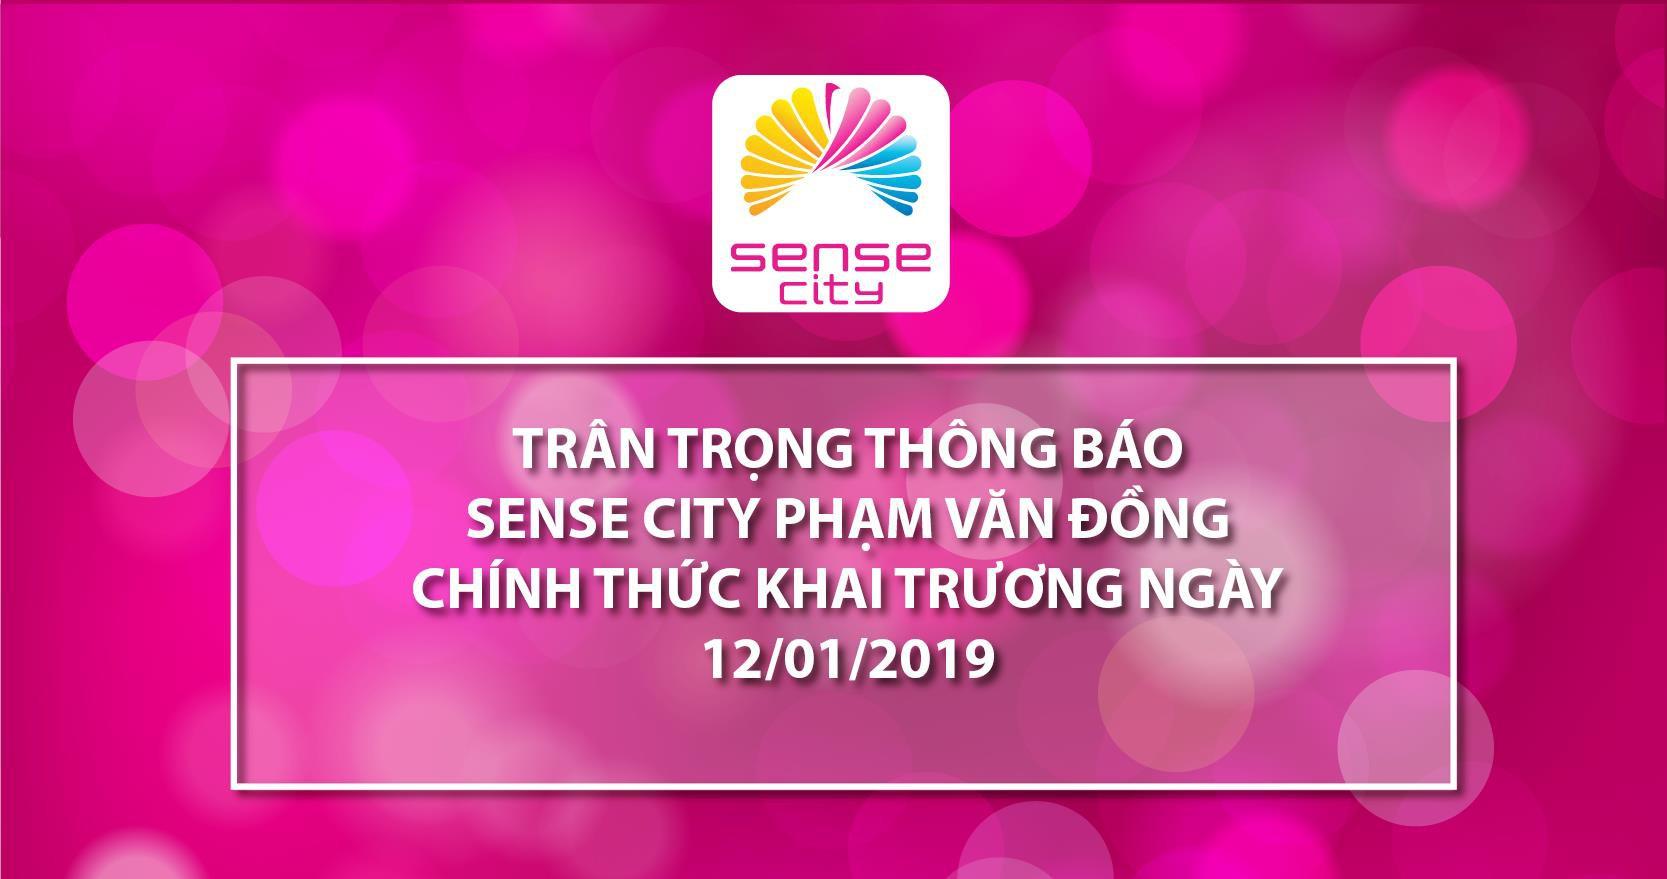 Hàng hiệu giảm giá sẵn chờ khách chọn mua ở Sense City Phạm Văn Đồng - Ảnh 1.